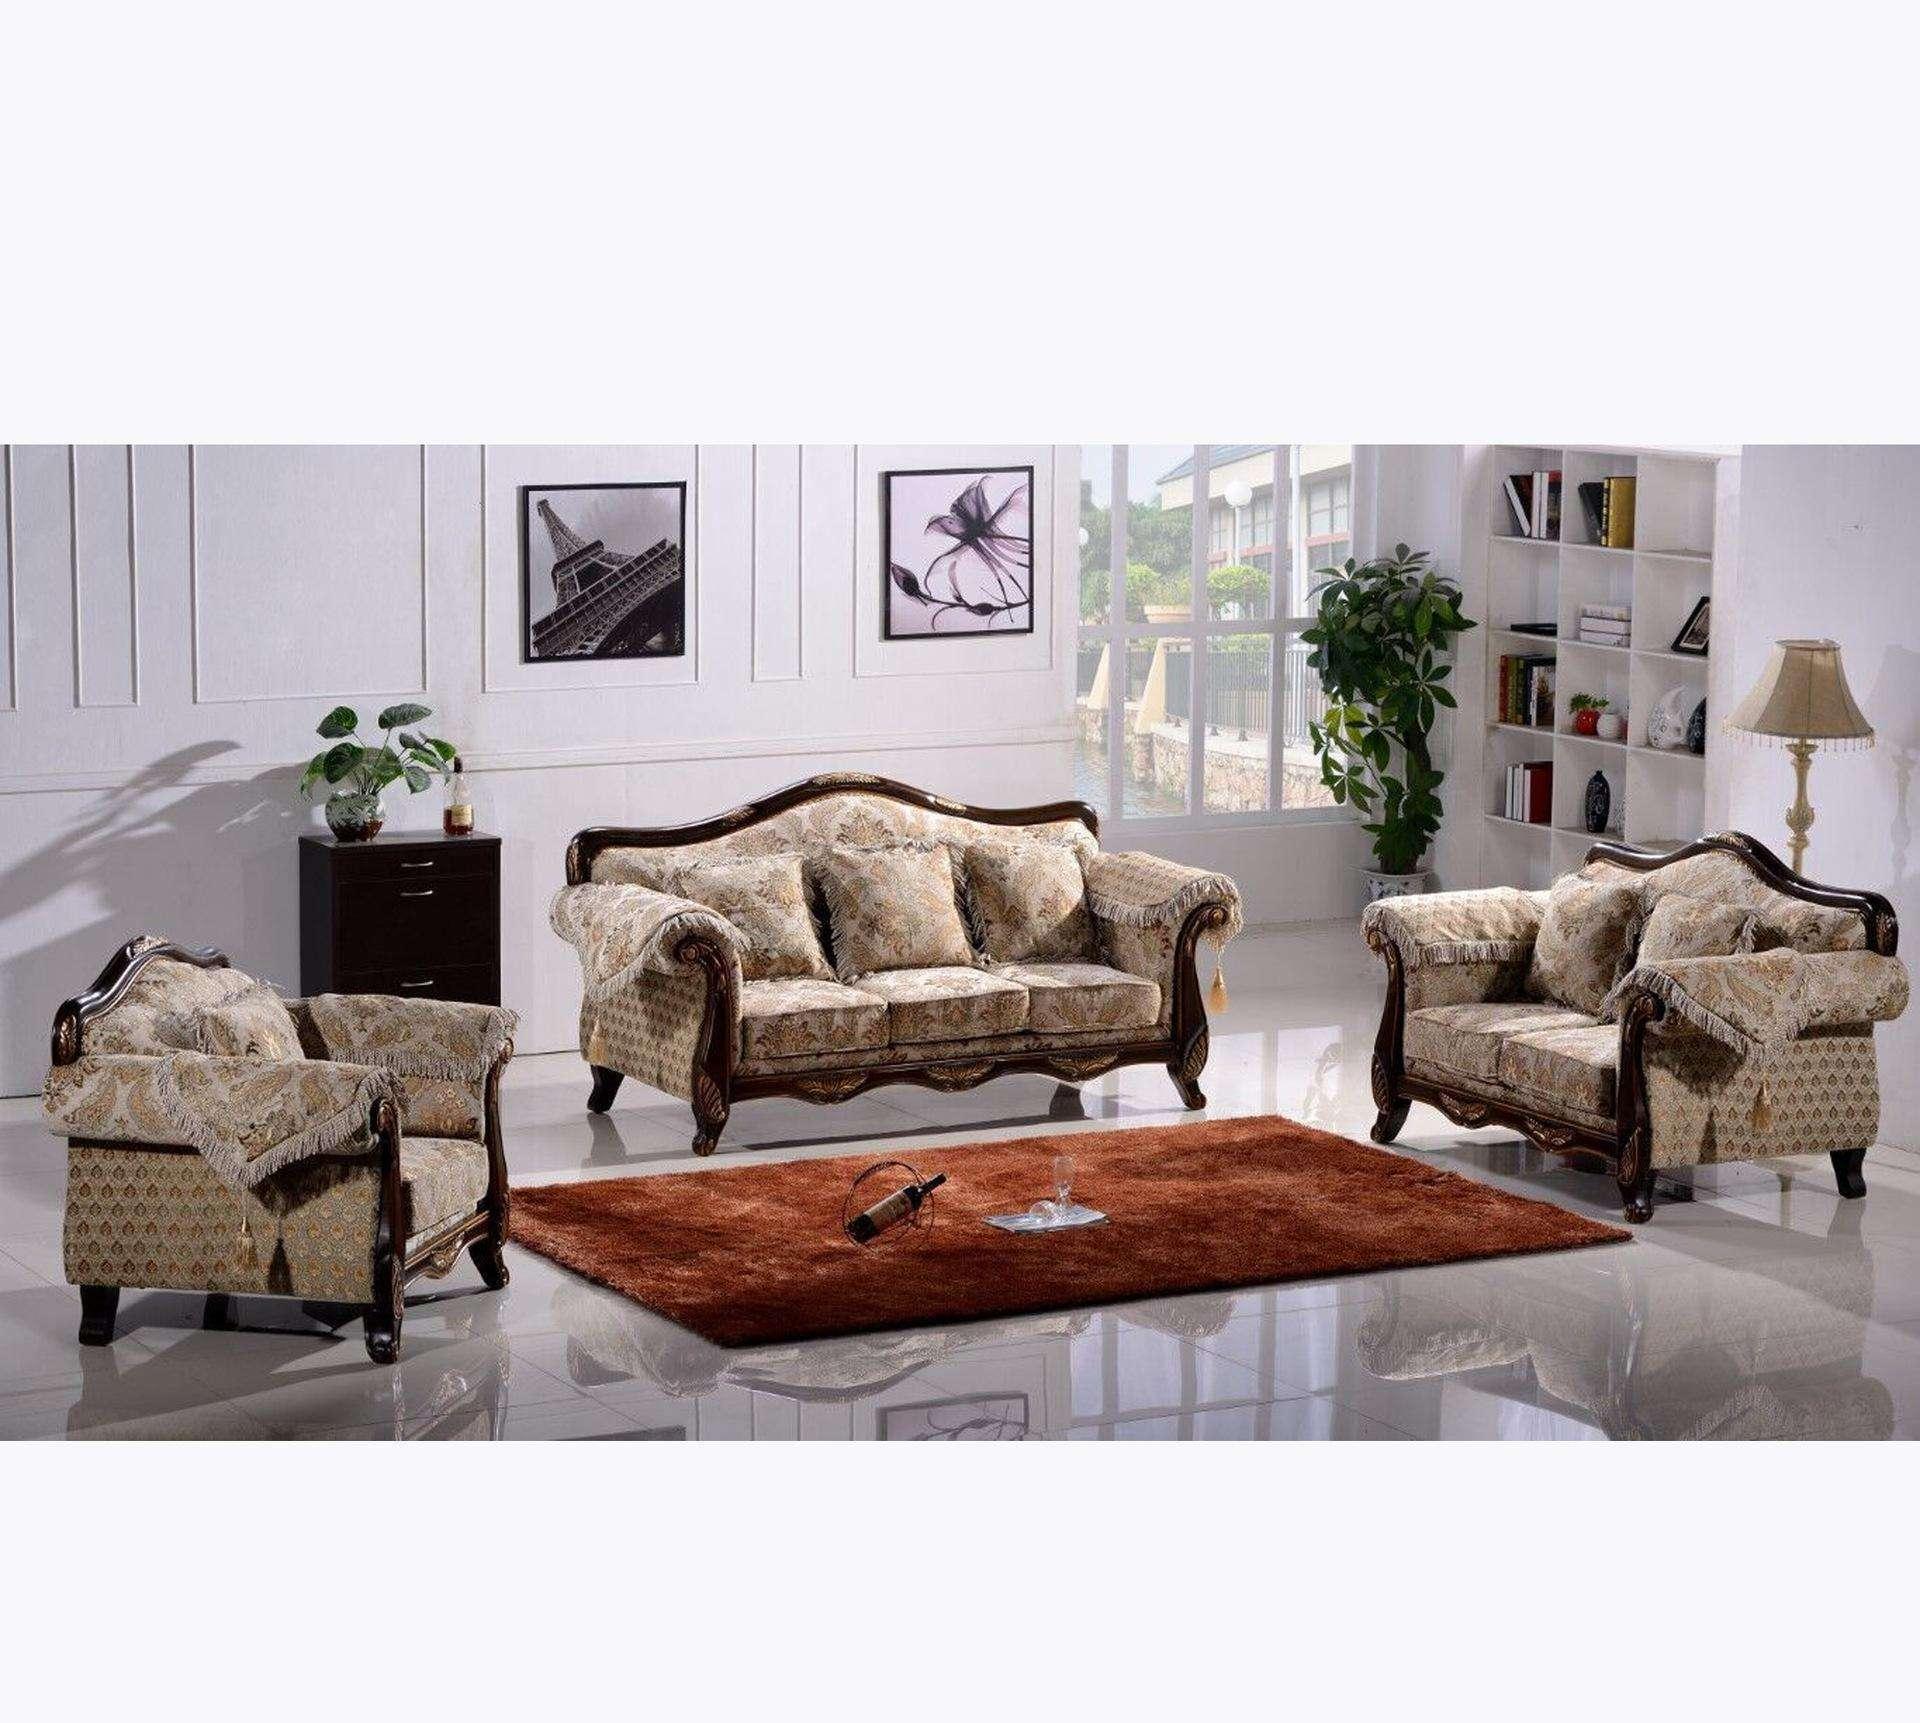 生活小技巧 如何保养和用锦色芳华清洁客厅沙发